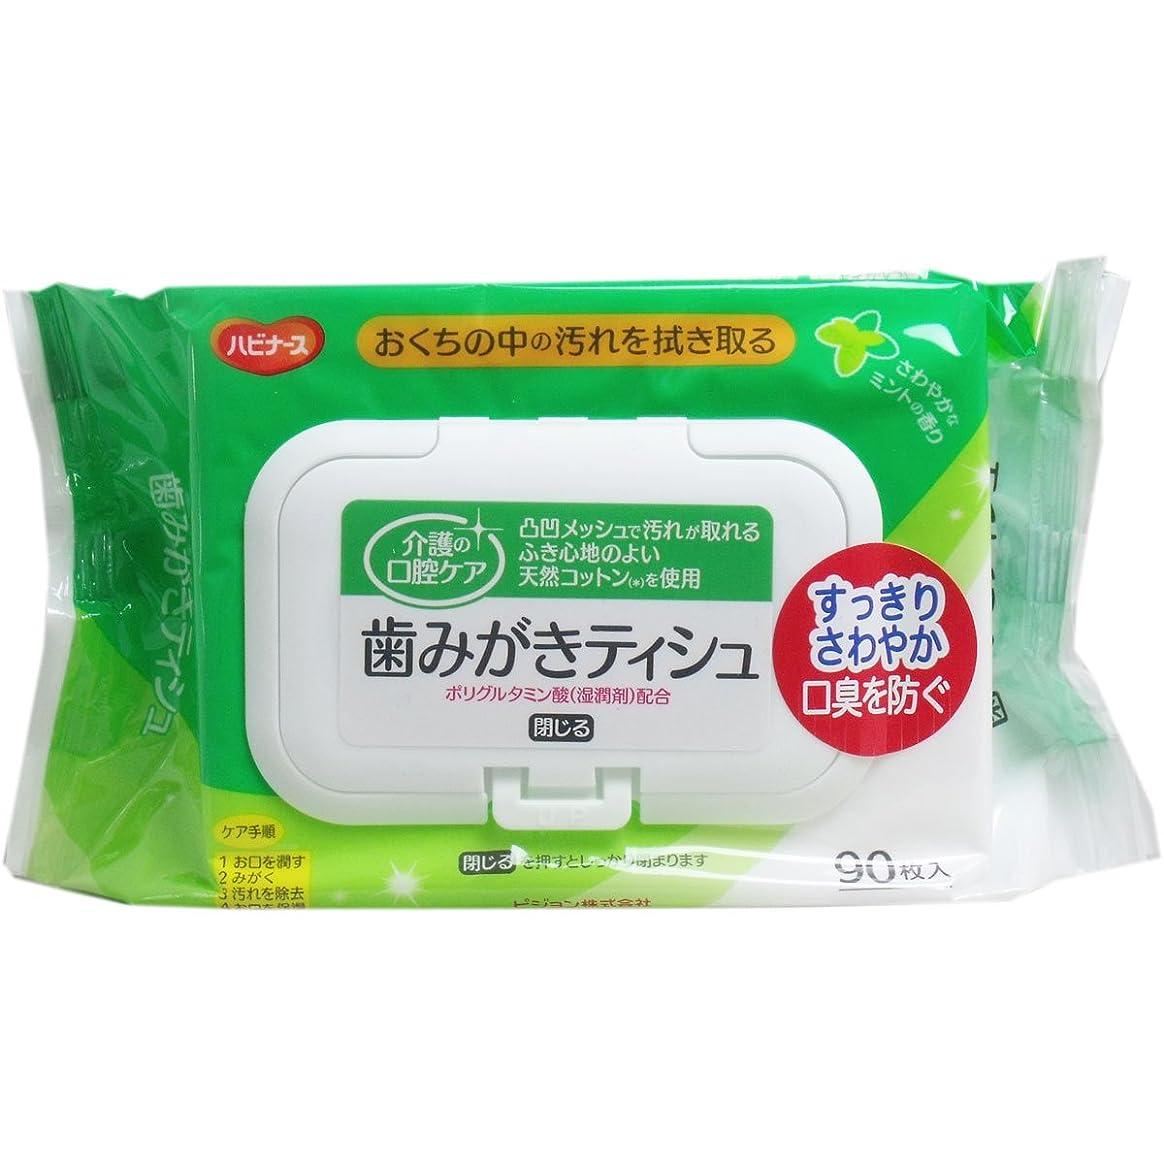 ウェブ月曜日お金【セット品】ハビナース 歯みがきティシュ 90枚 ×4個